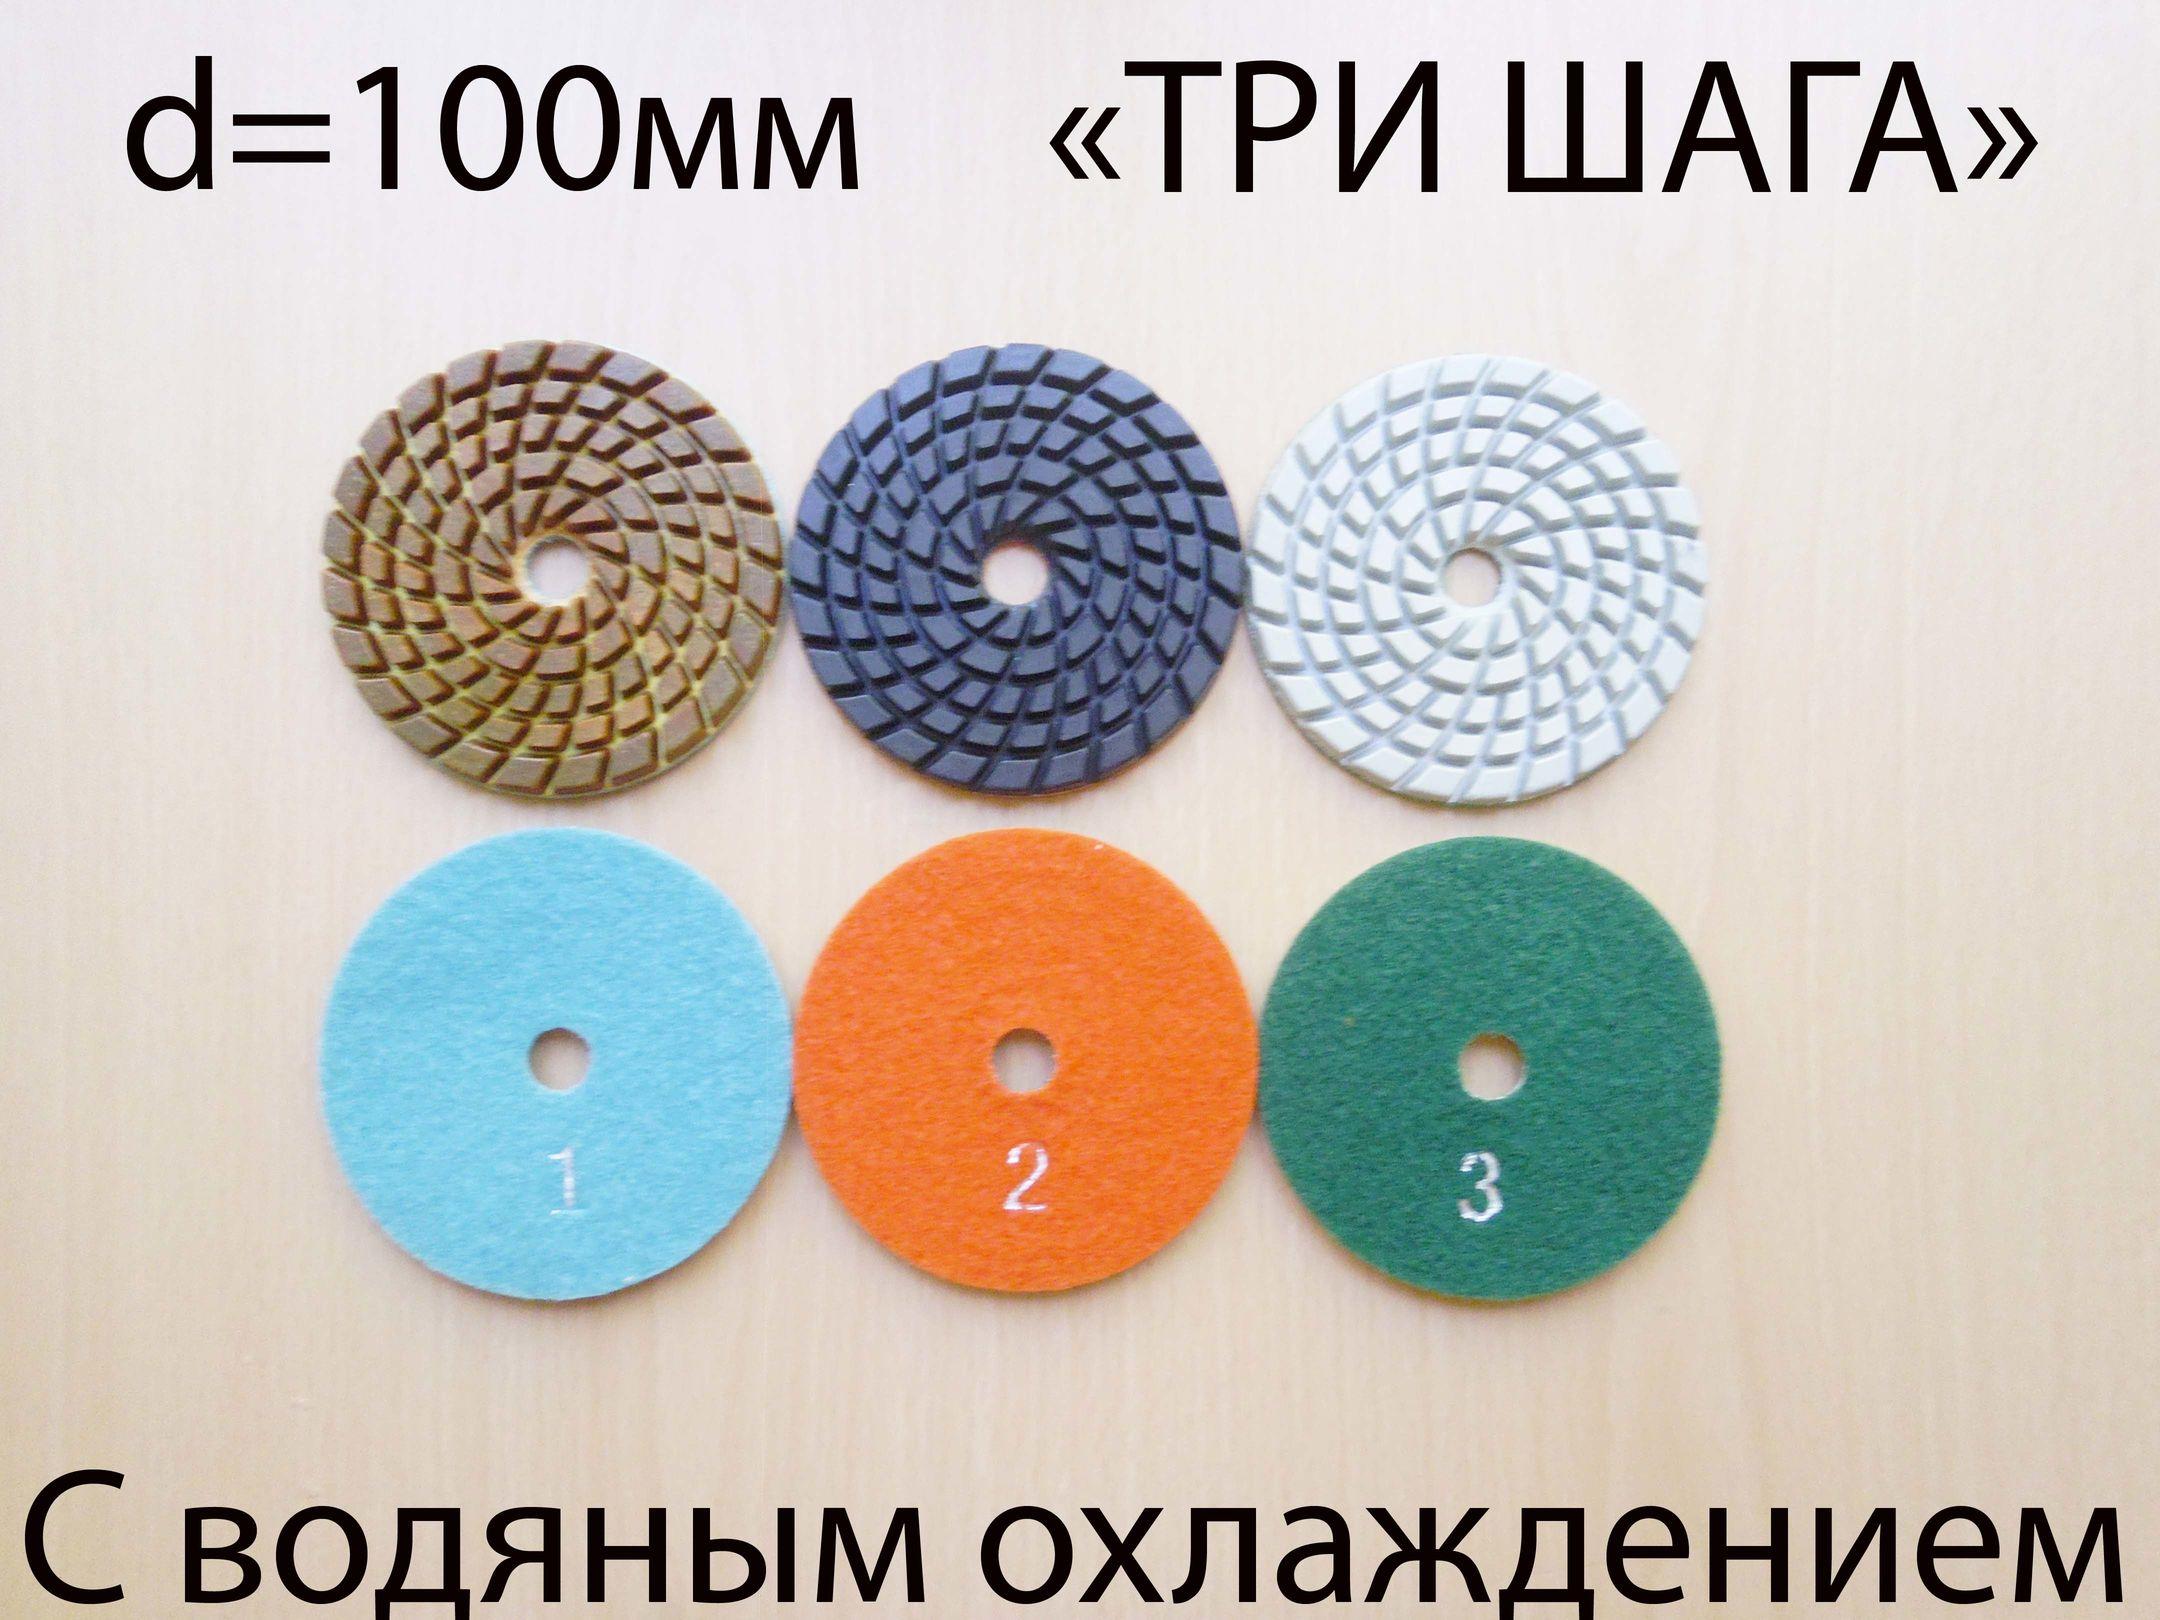 """Диски черепашки """"Три шага"""",для шлифовки гранита,мрамора,керамогранита,кварца,металла,стекла и т.д,с водяным охлаждением.Диаметр=100мм. ТОЛЩИНА-6мм!!! Набор из 3х штук"""